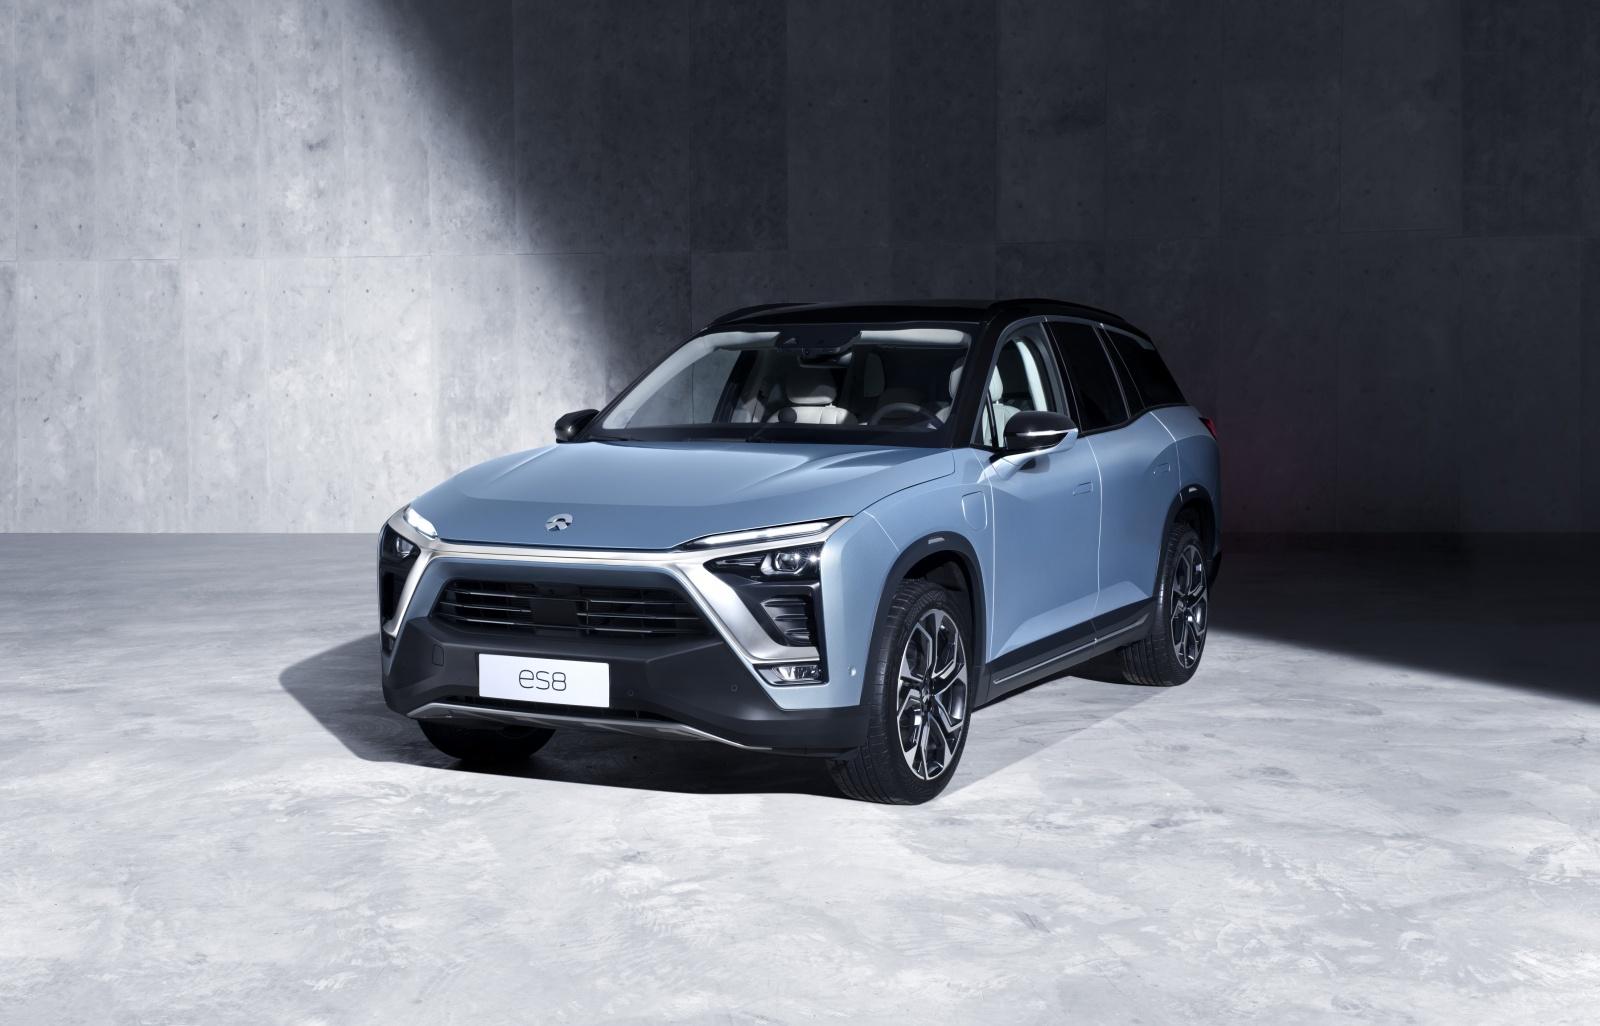 Китайская компания NIO представила электровнедорожник c ценой в два раза ниже, чем у Tesla Model X - 1